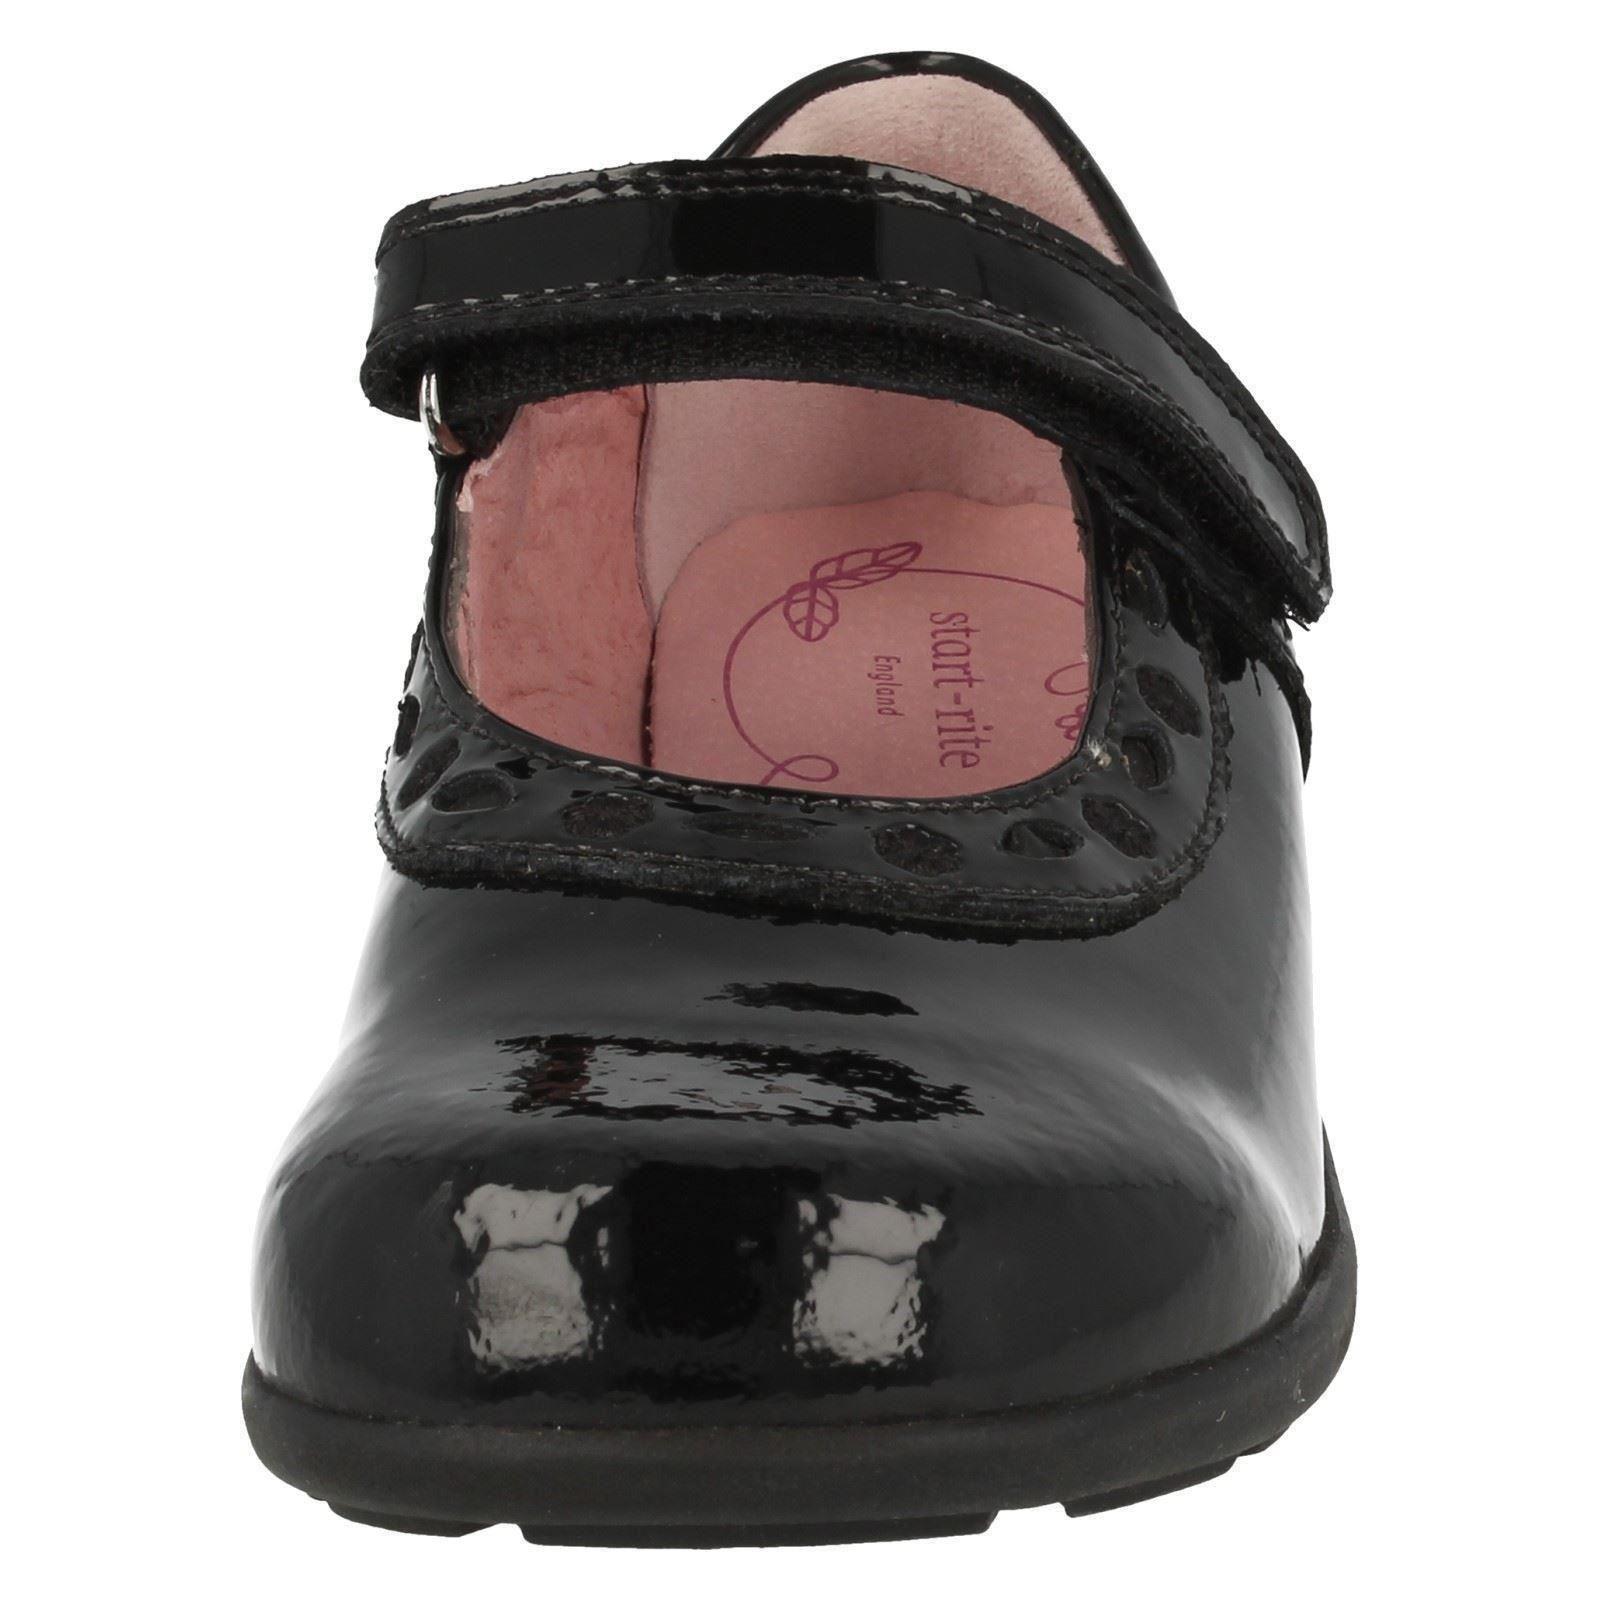 Chicas START Rite Mary Jane Zapatos Escolares, el estilo Tijeras-W